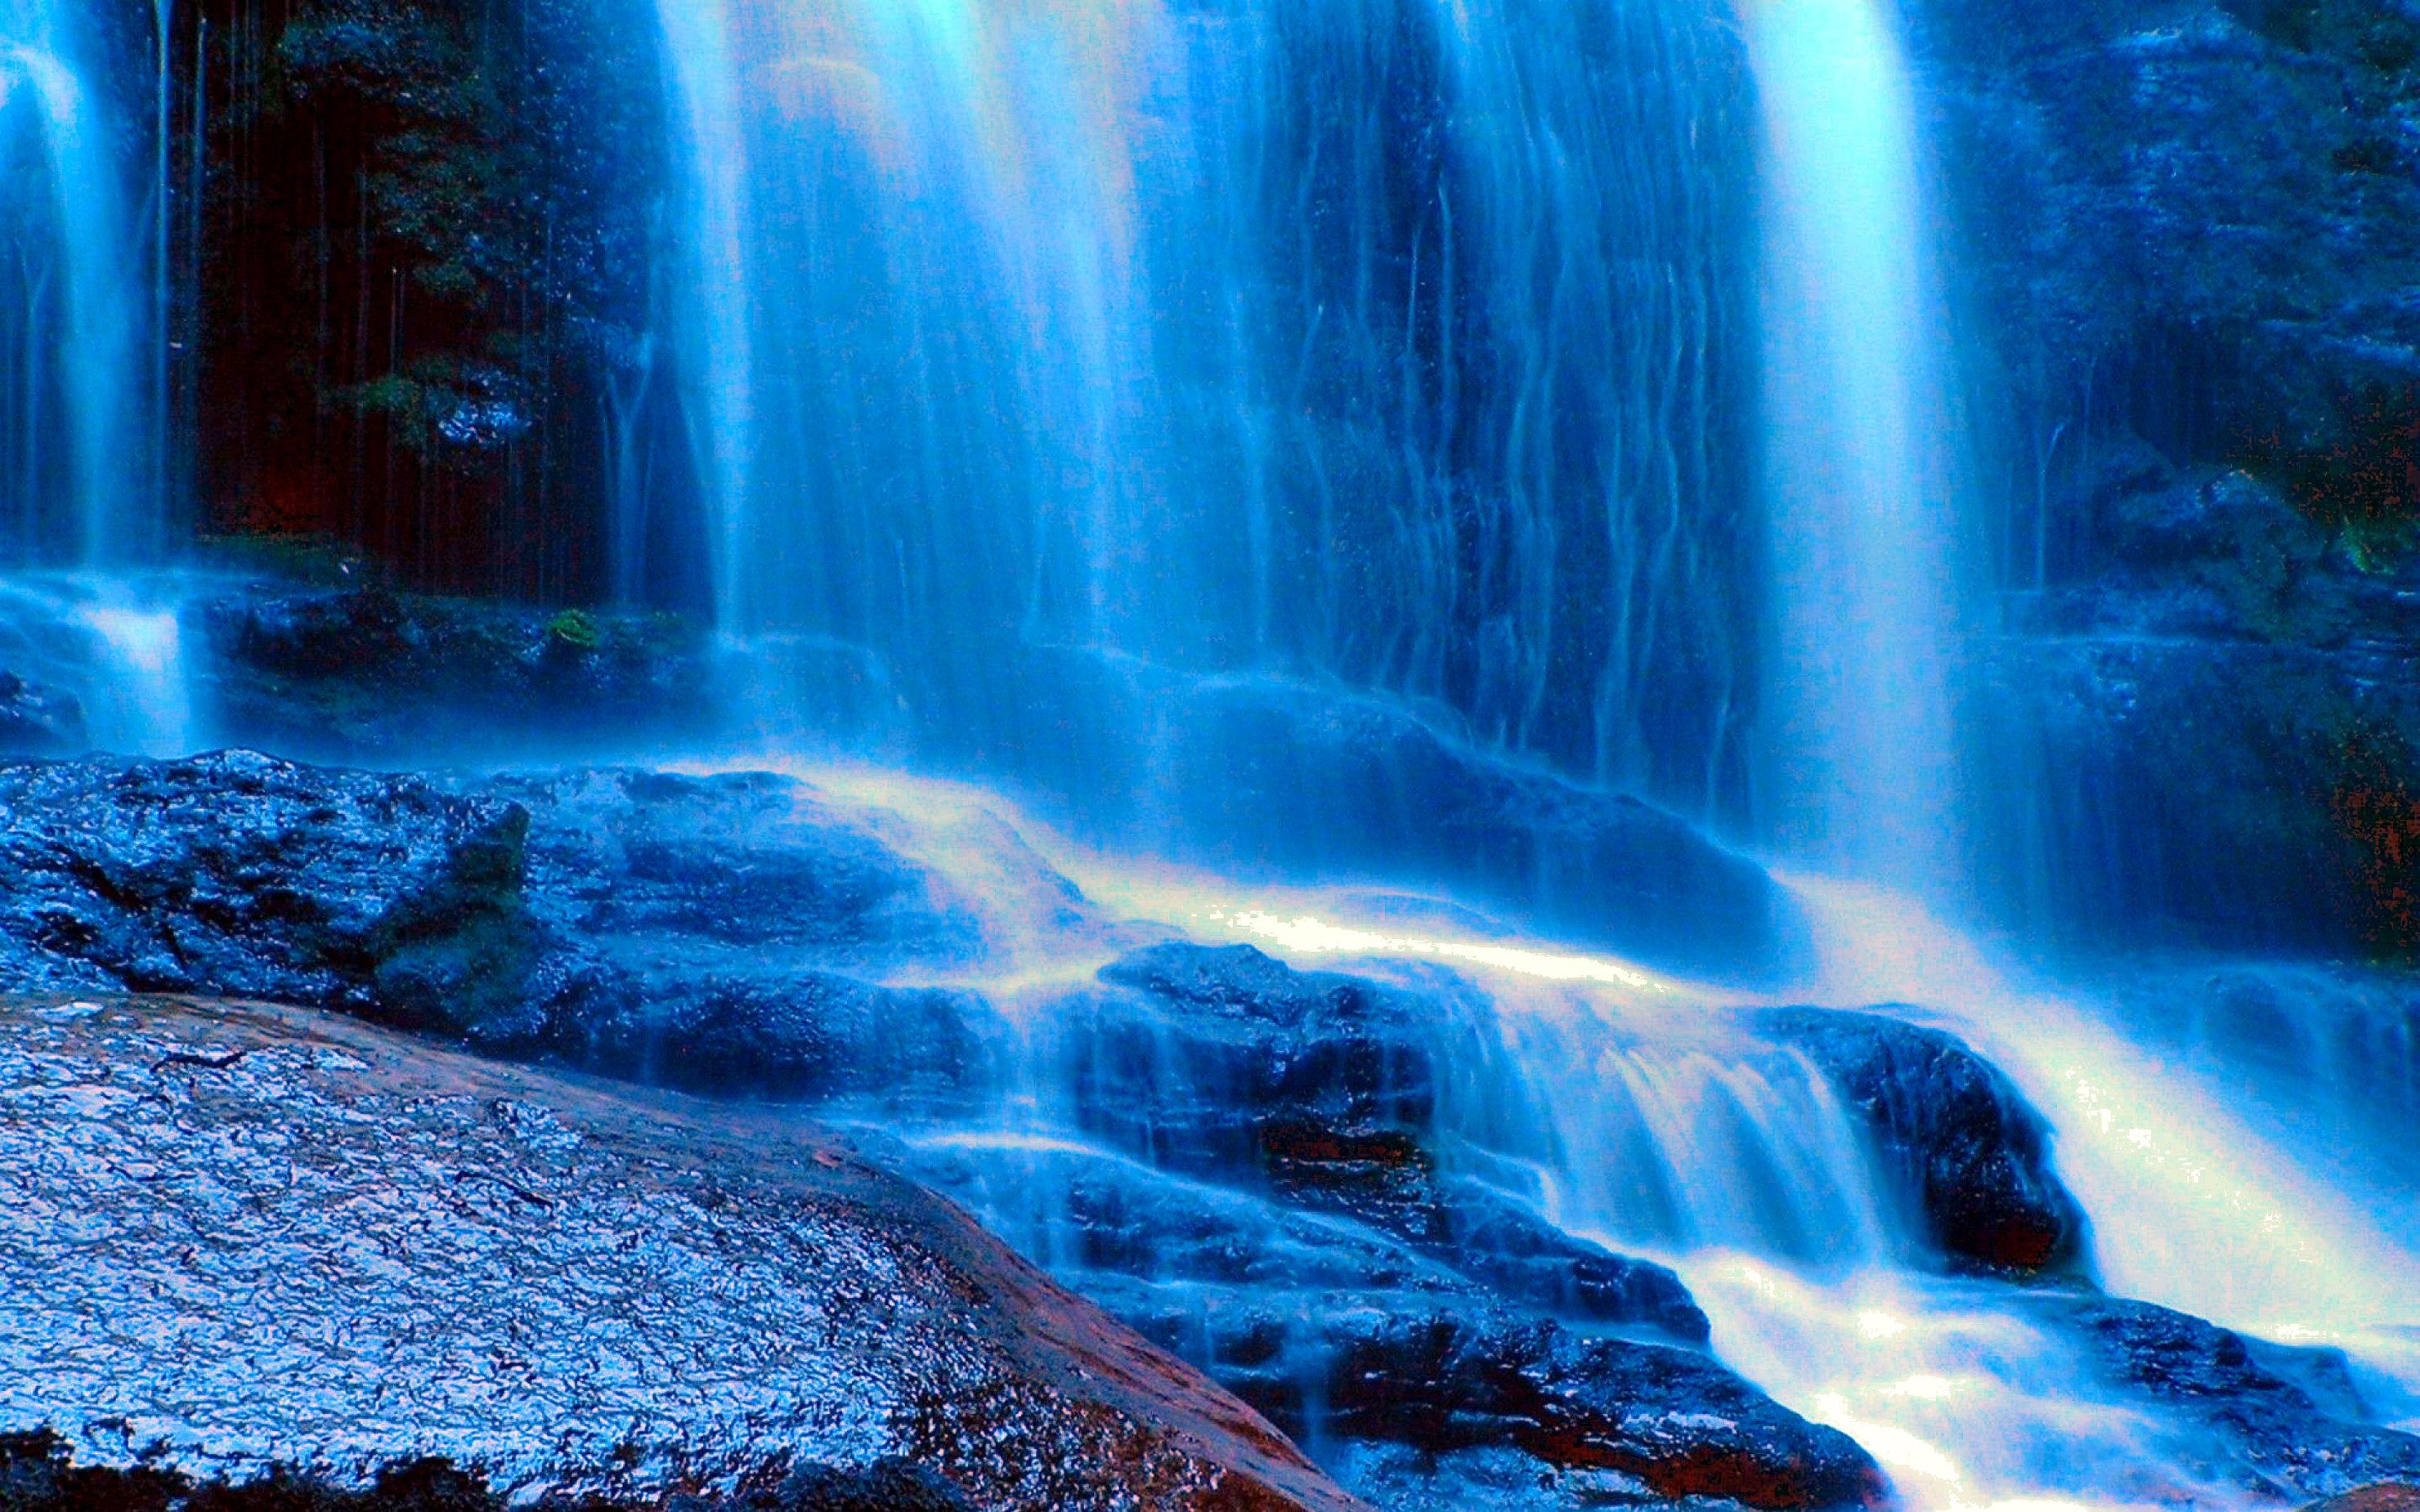 Free Fall Desktop Wallpaper For Mac Waterfall Wallpaper Hd Pixelstalk Net